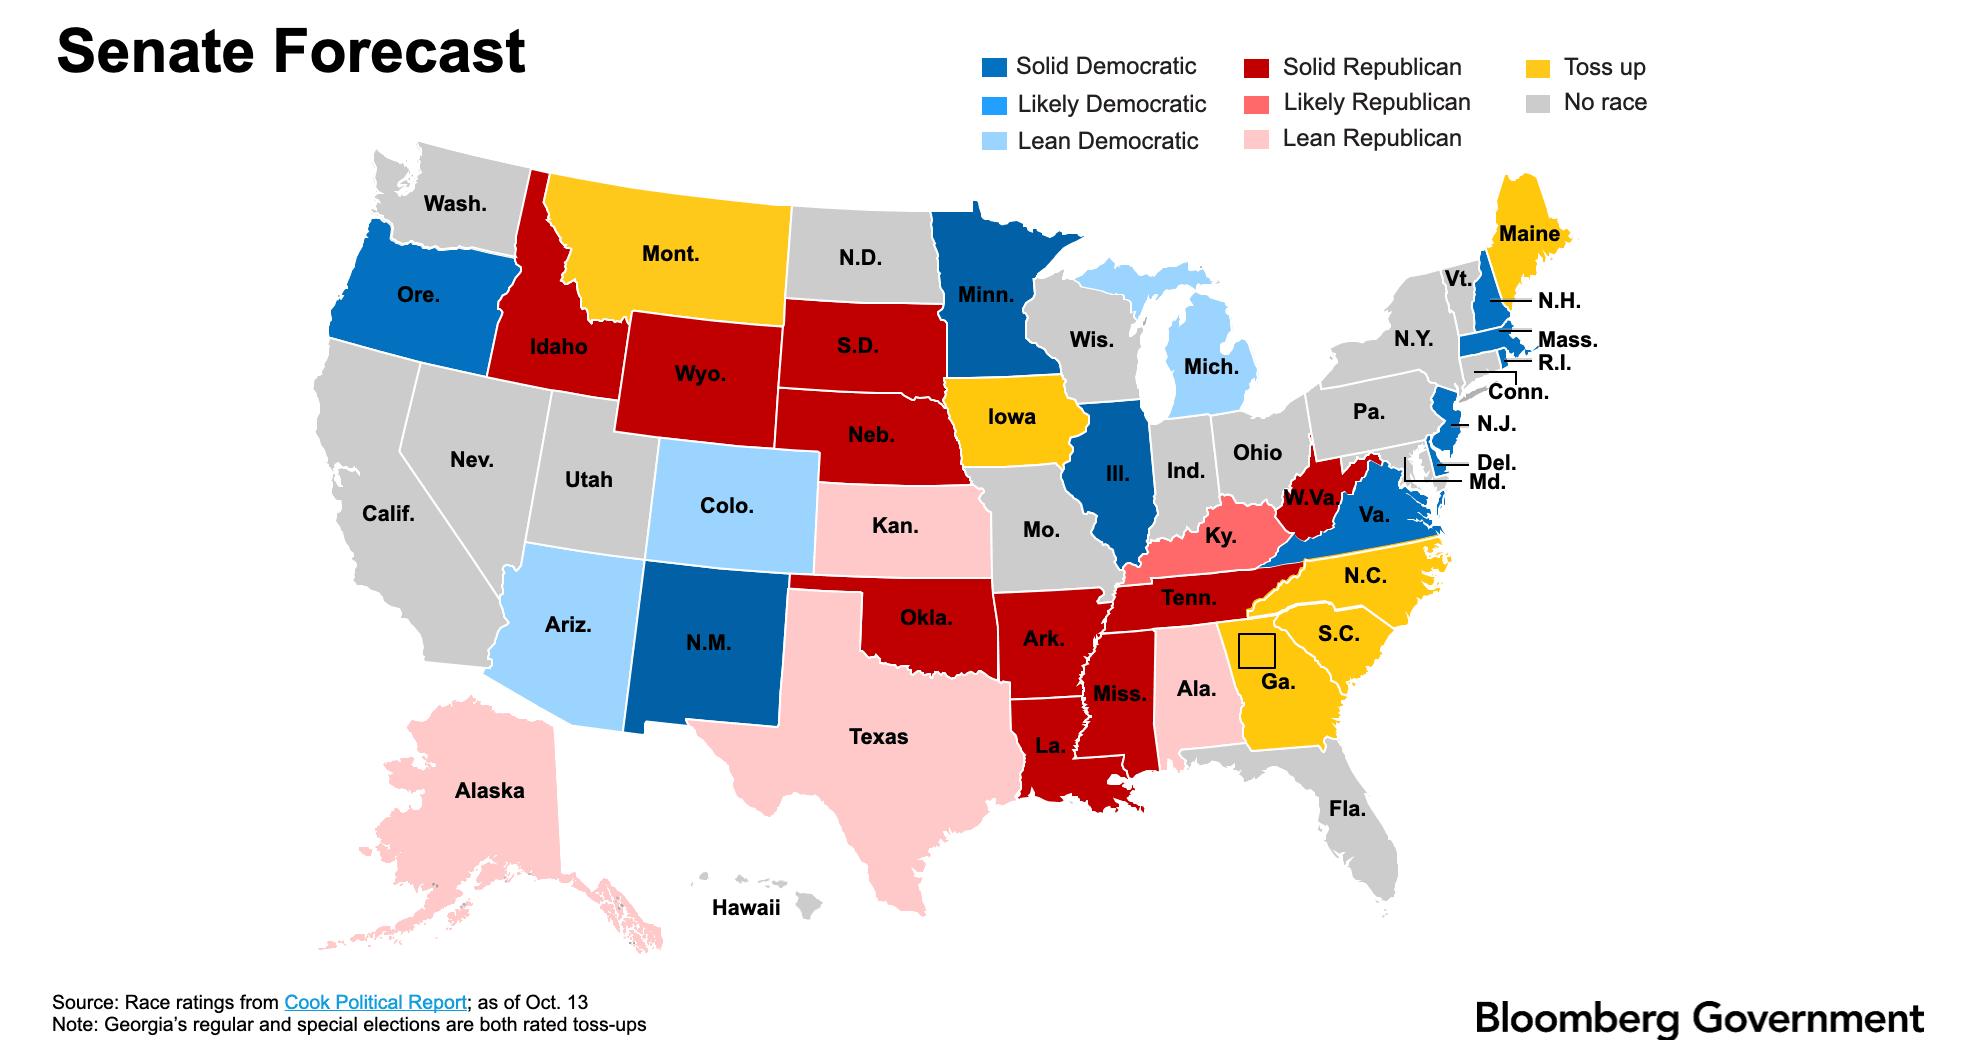 Senate forecast